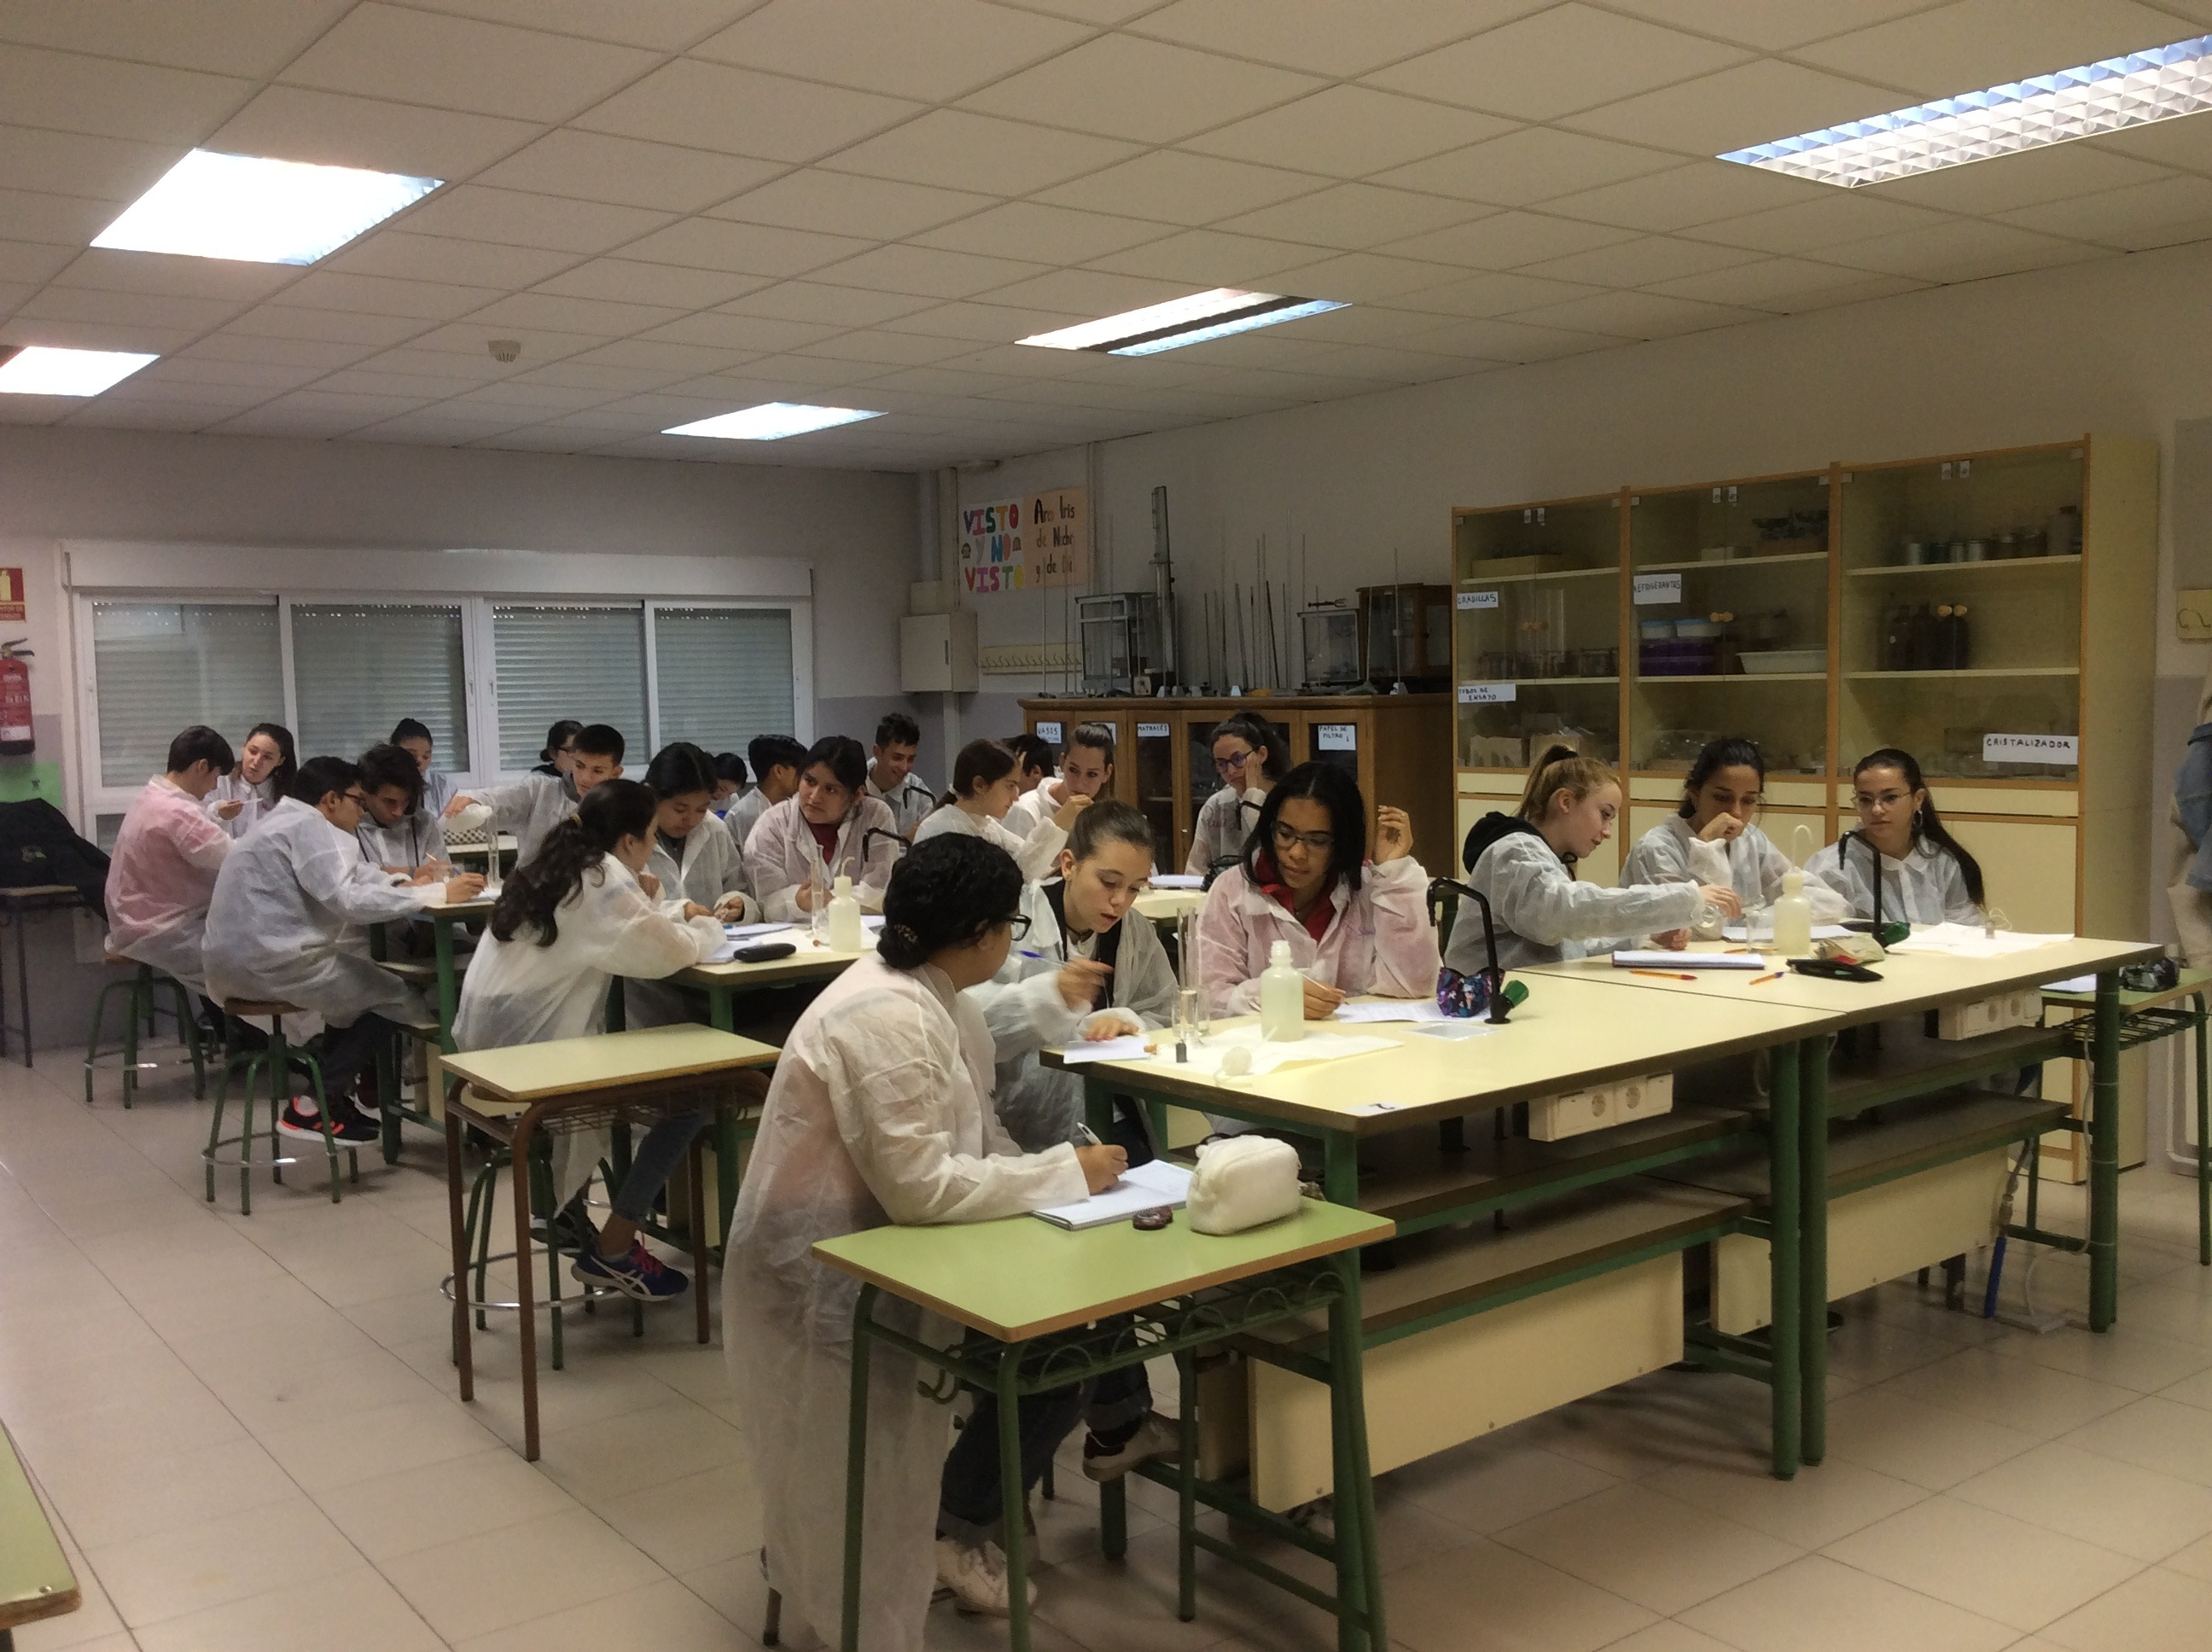 Fotos de Ampliación de Física y Química 6